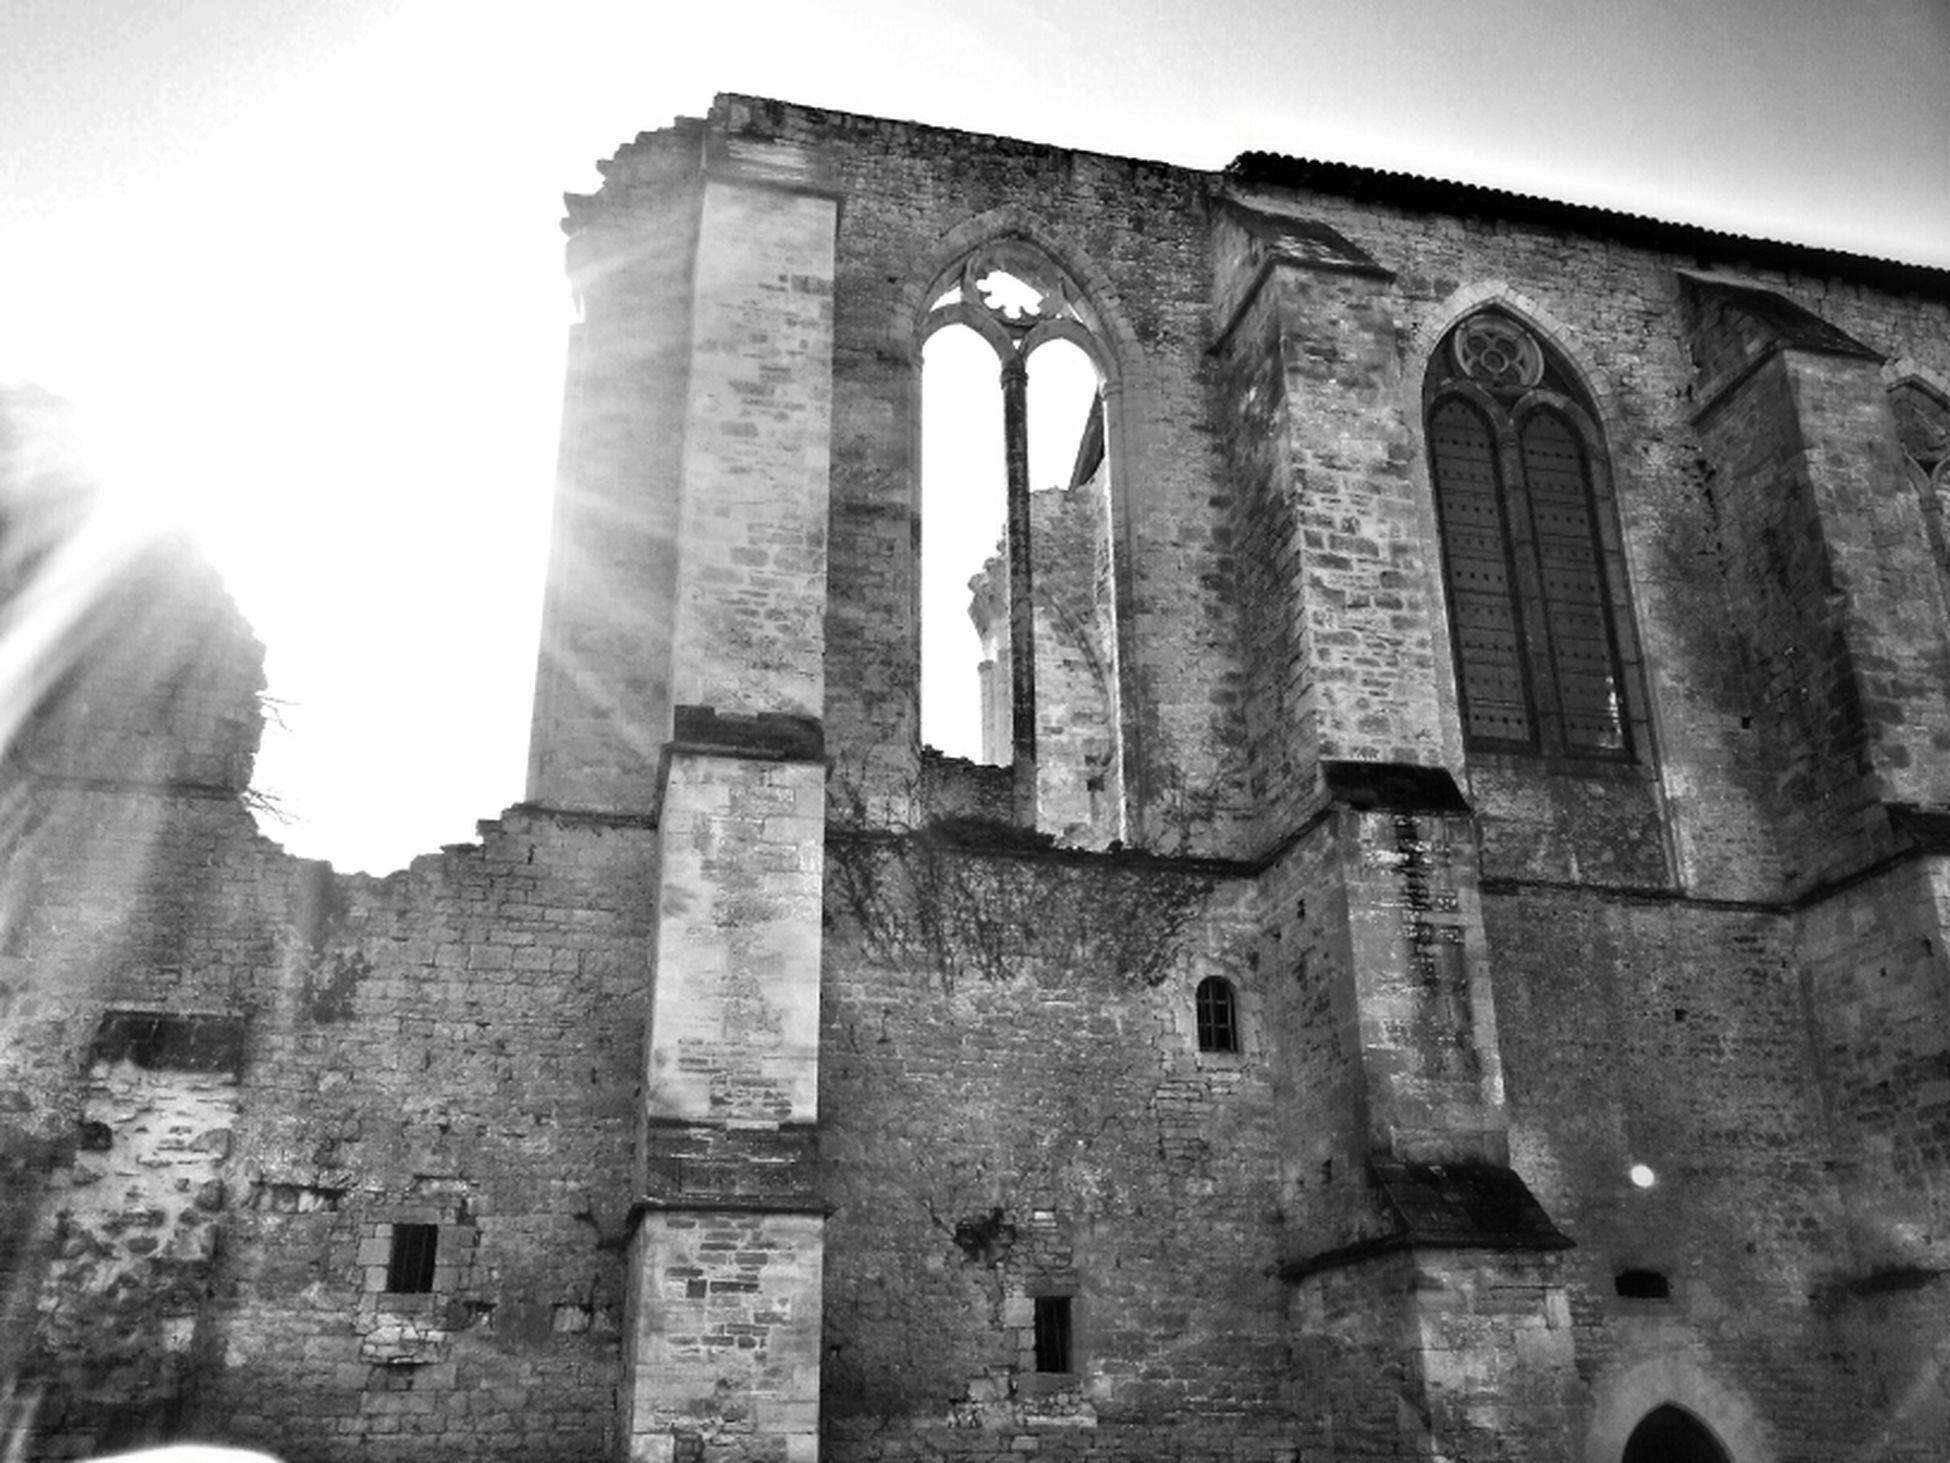 Blackandwhite France Church